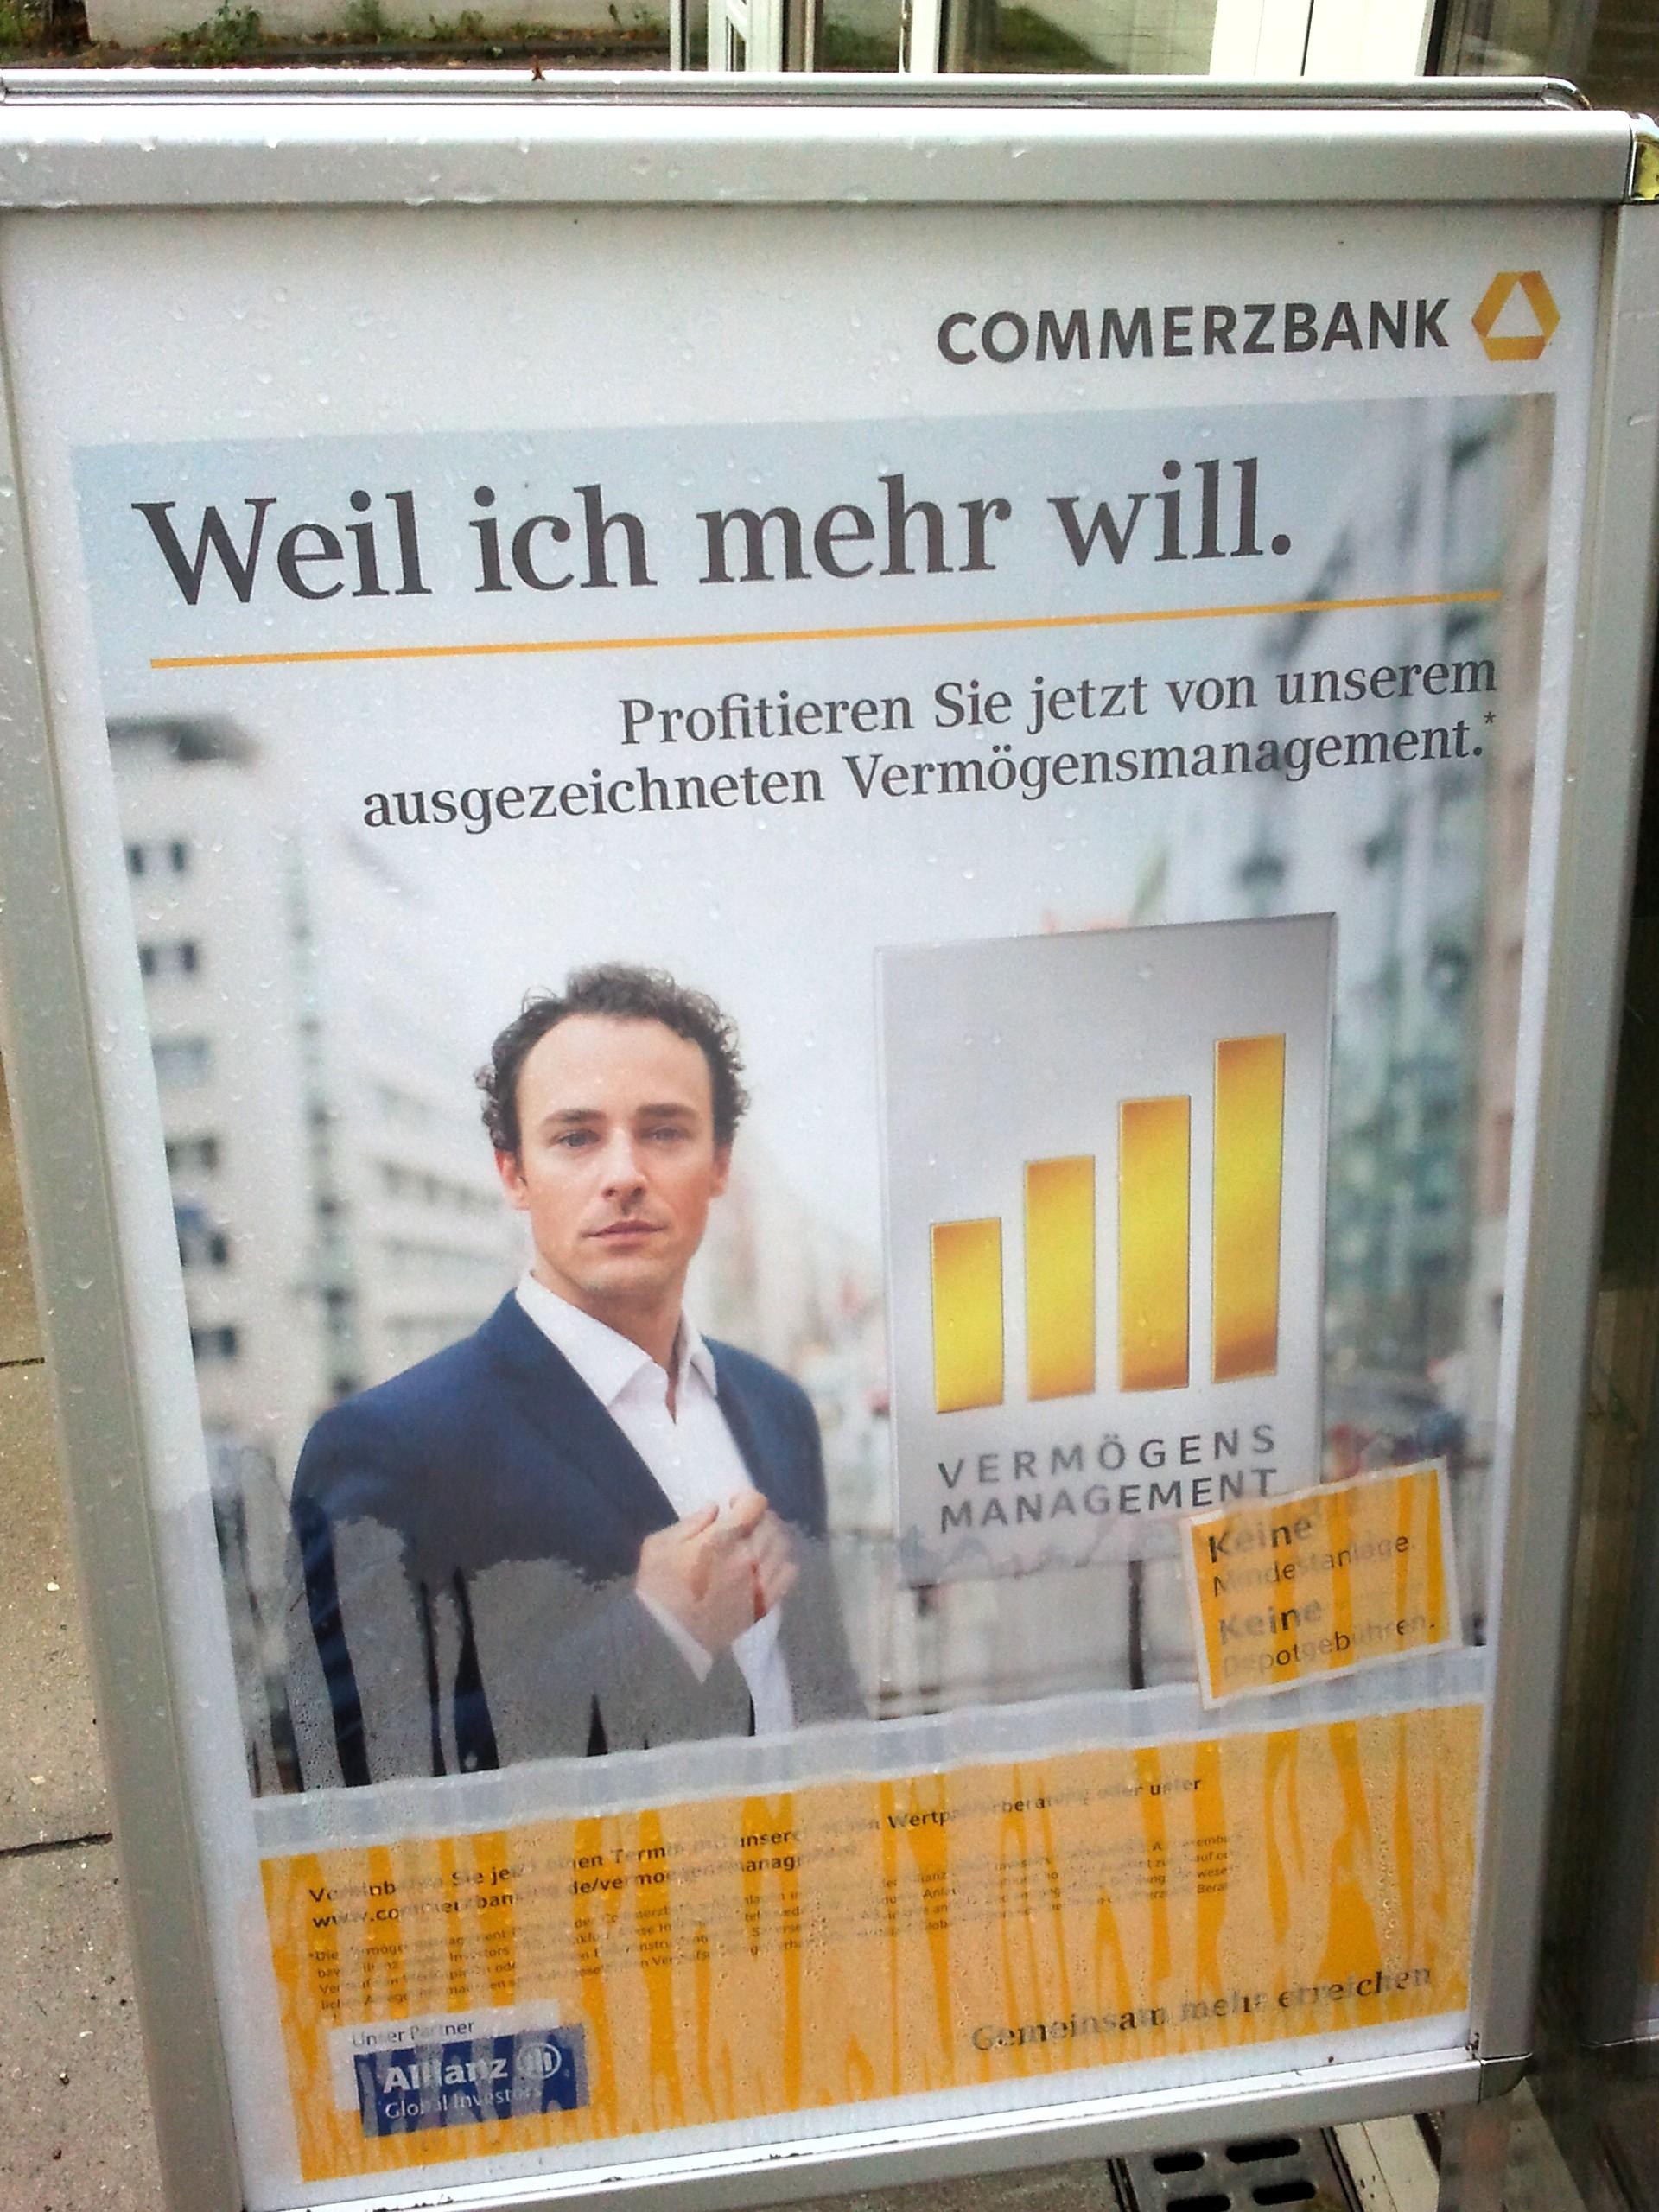 commerzbank - ich will mehr 1 20111029 1378308285